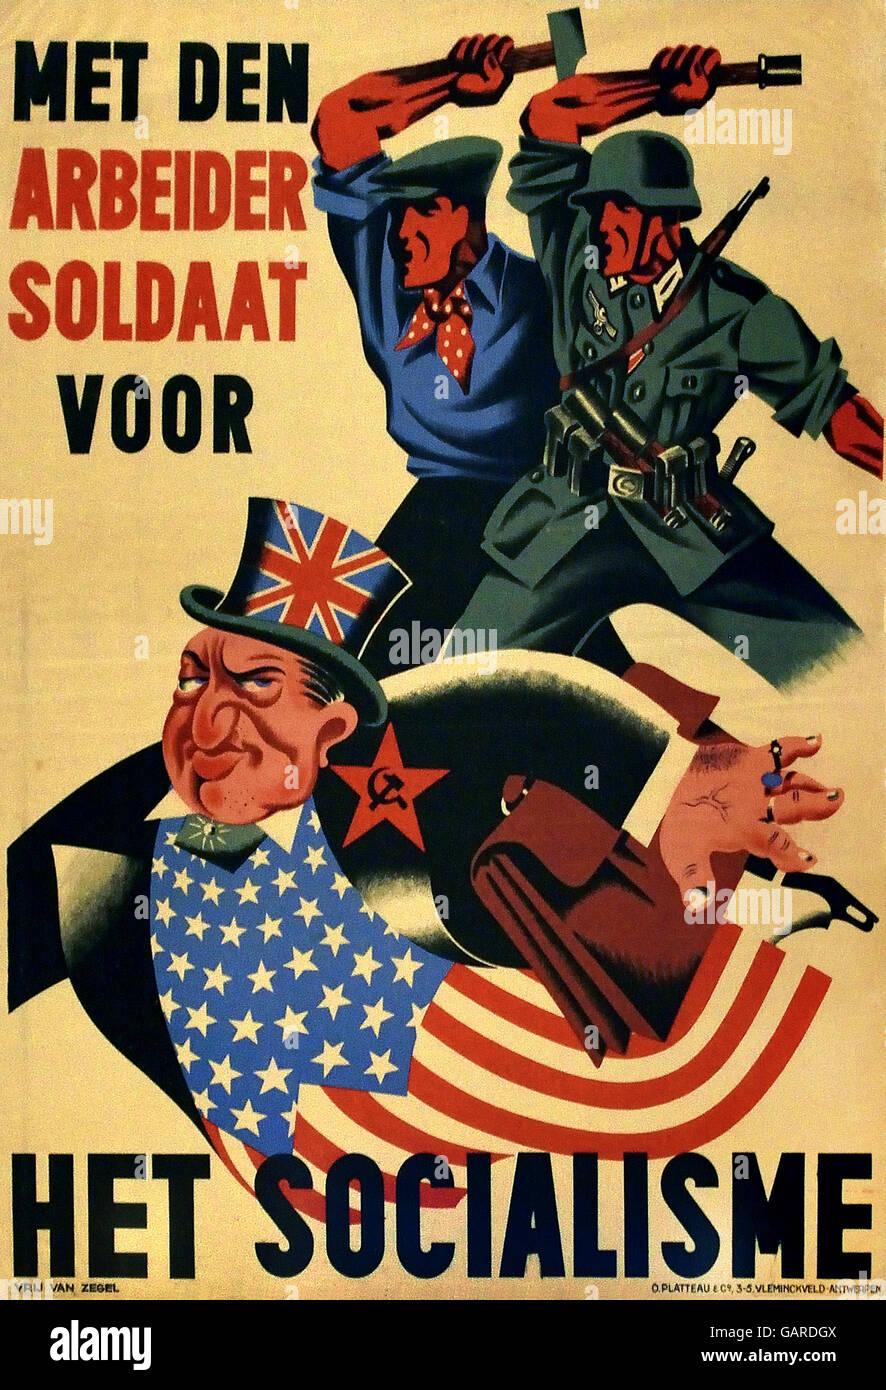 Met den Arbeider soldaat voor Het Socialisme -  the Worker soldier for Socialism  National Socialist propaganda - Stock Image